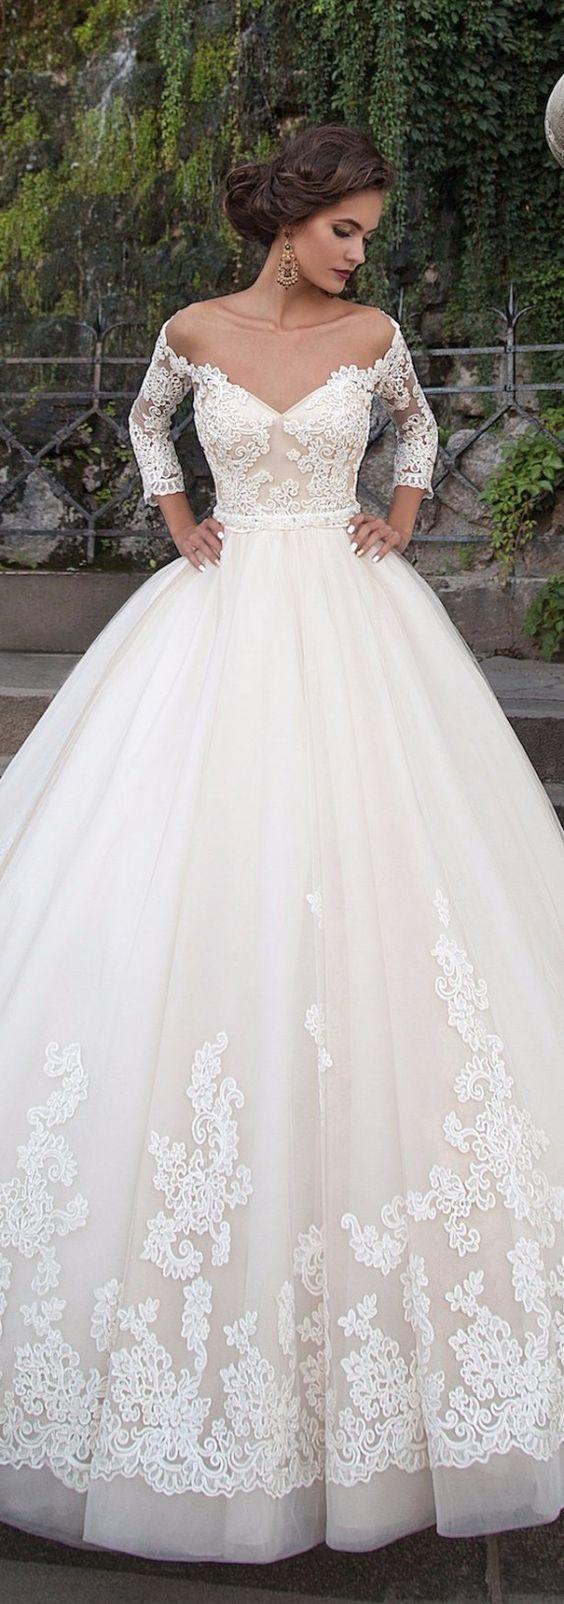 Vestido de noiva princesa - manga longa e decote ombré: